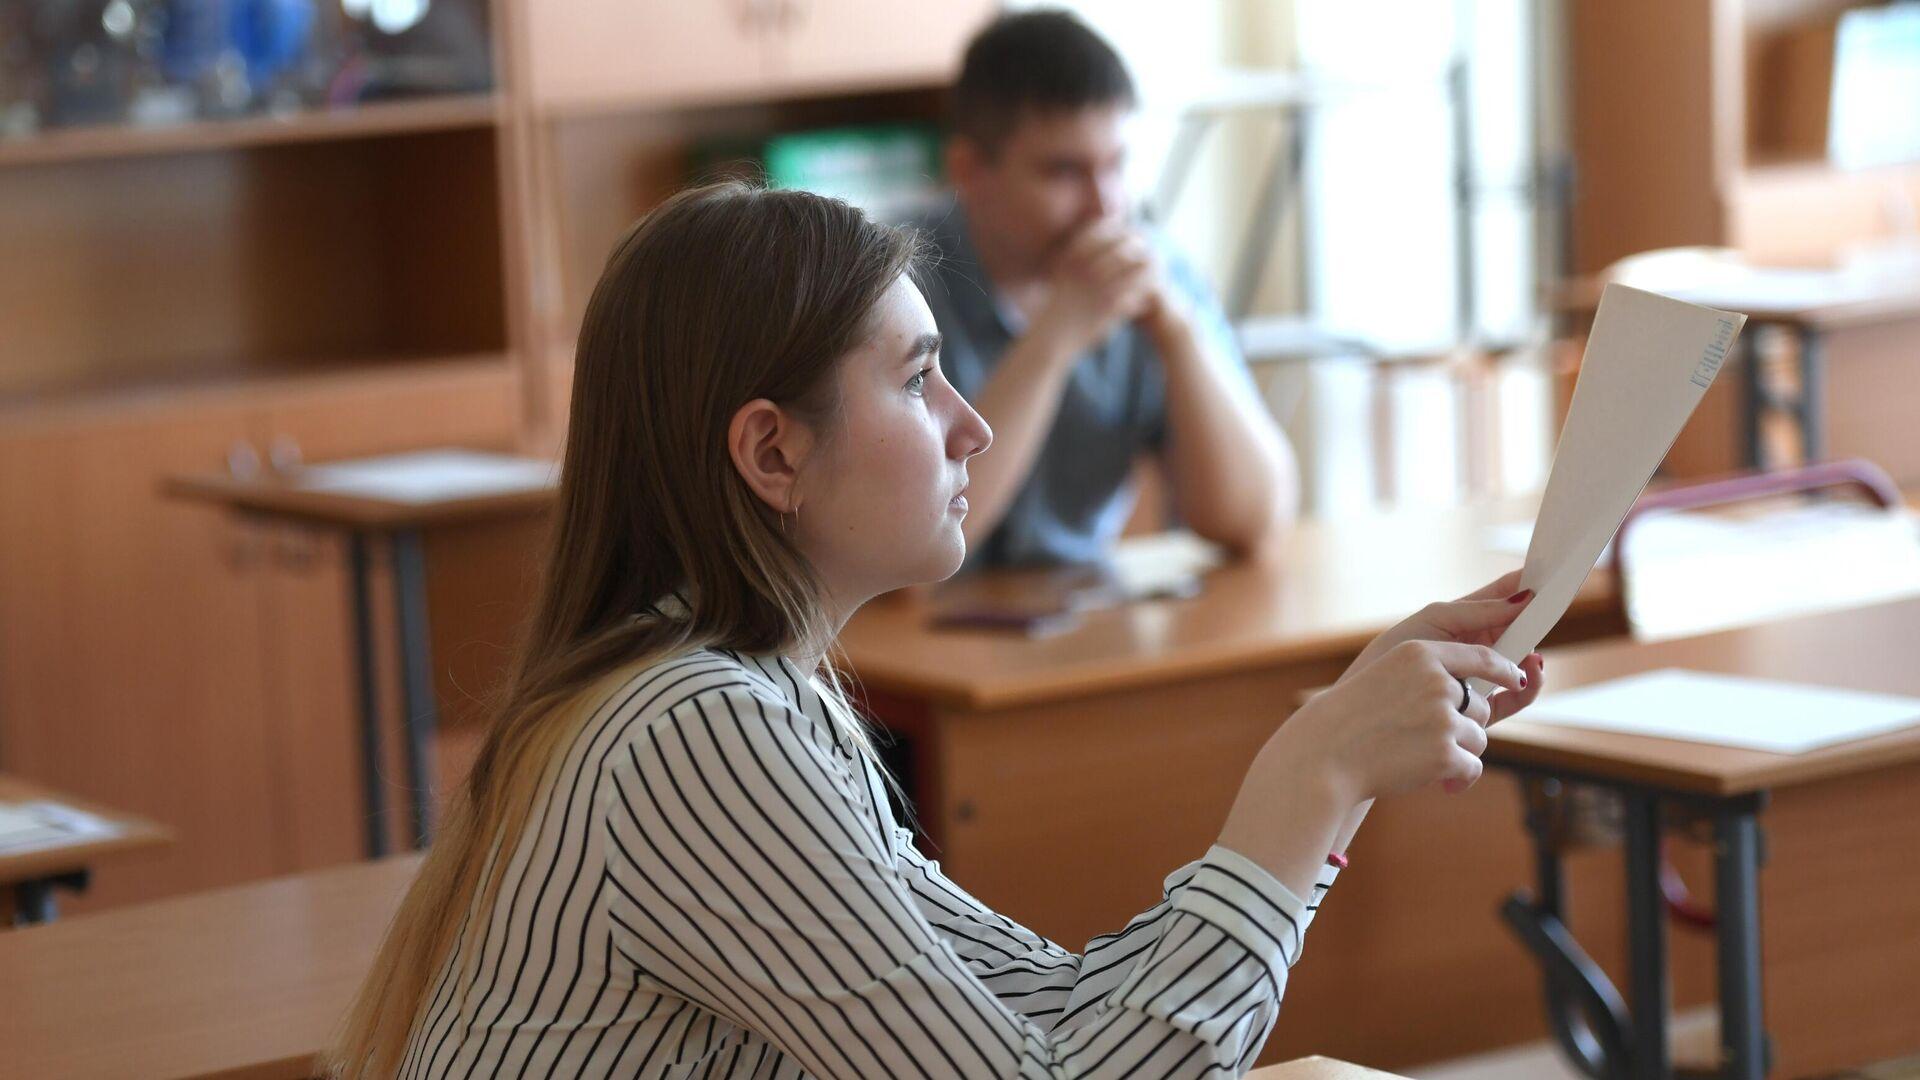 Экзамен в одной из школ Москвы  - РИА Новости, 1920, 25.03.2021